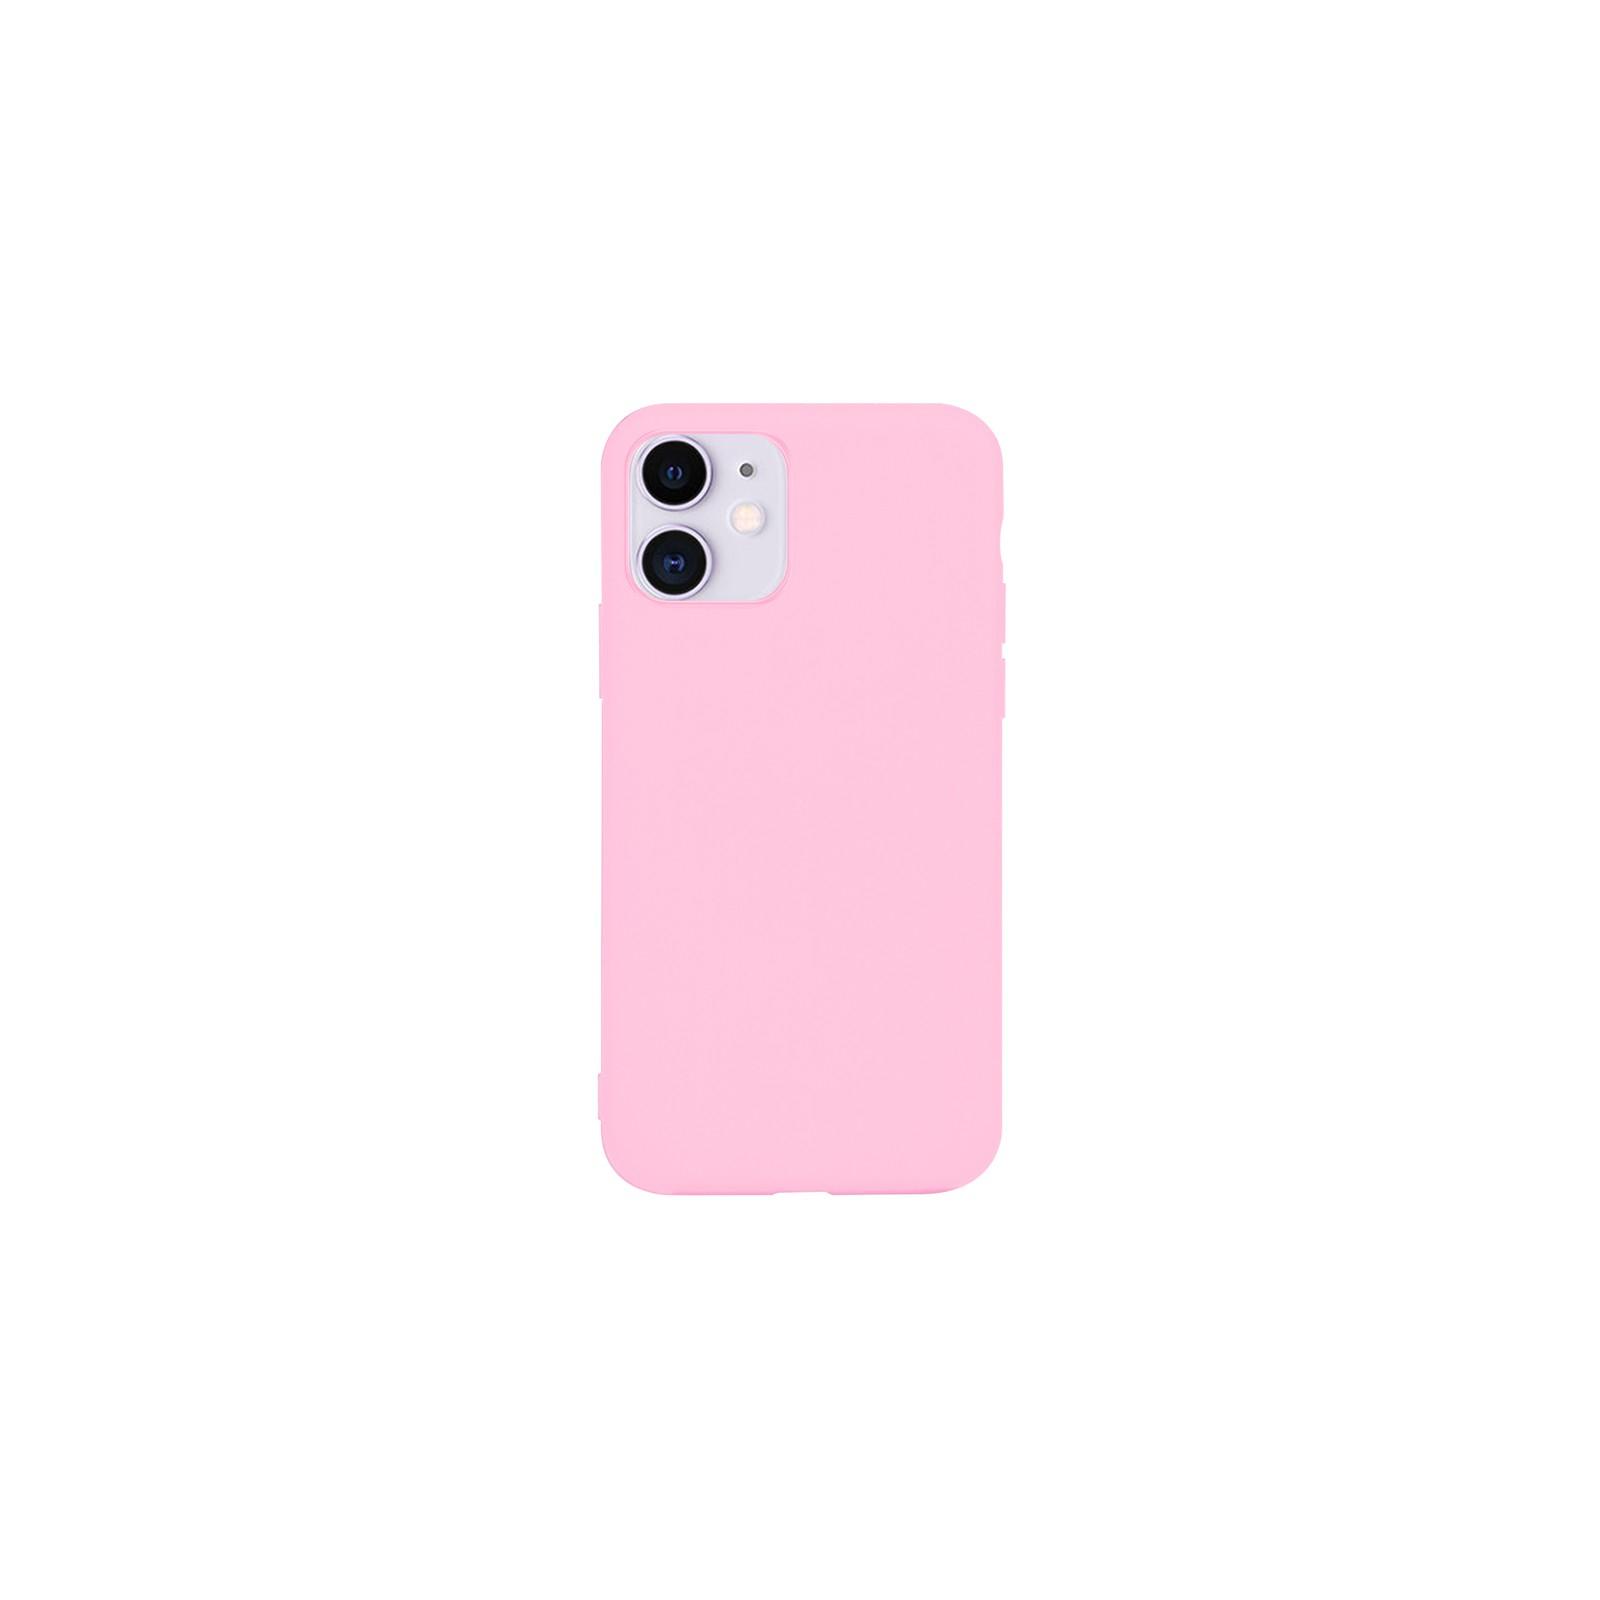 Чехол для моб. телефона Toto 1mm Matt TPU Case Apple iPhone 11 Pink (F_102363)